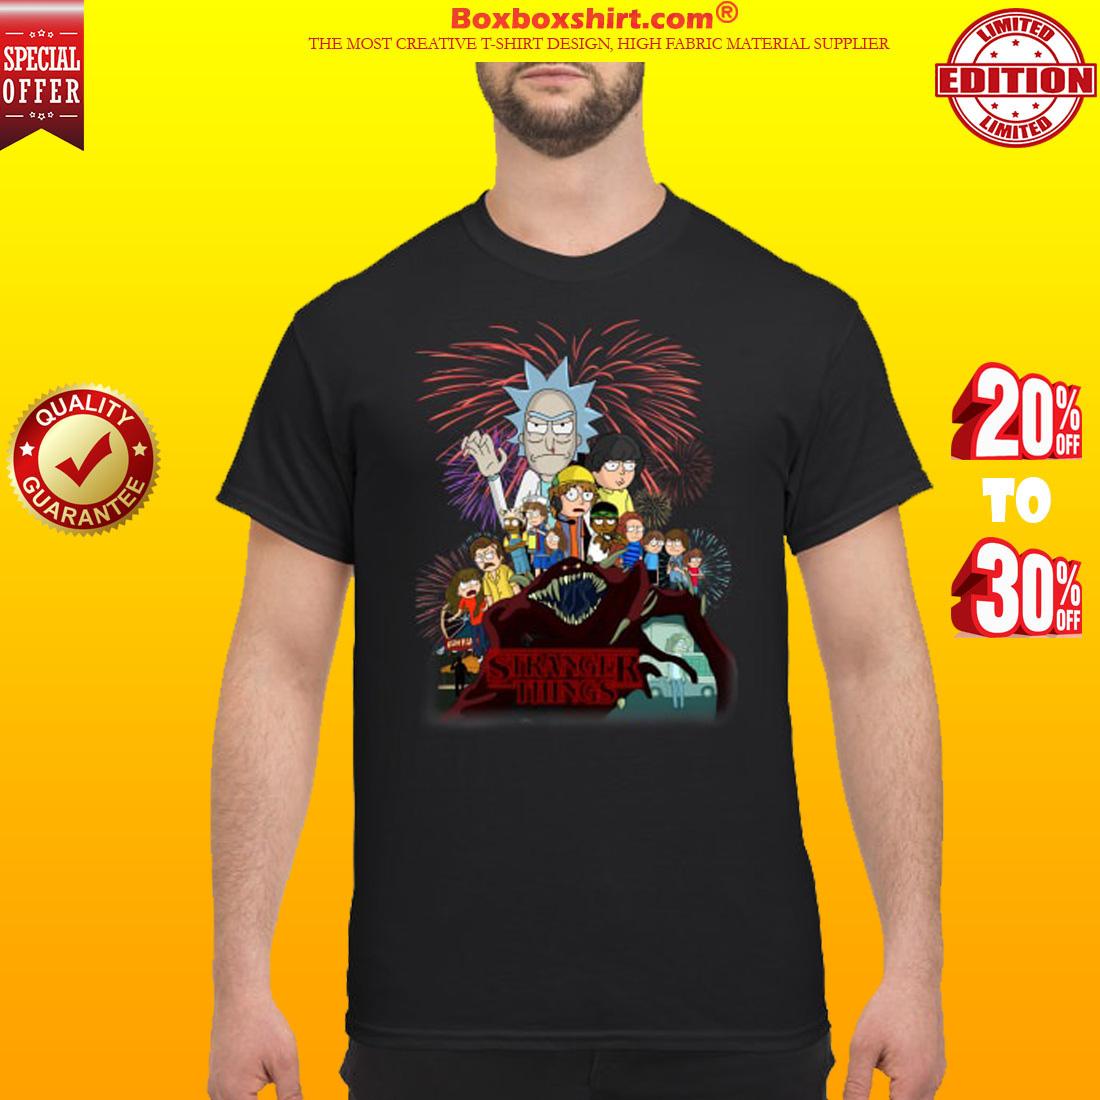 Rick and Morty stranger things shirt